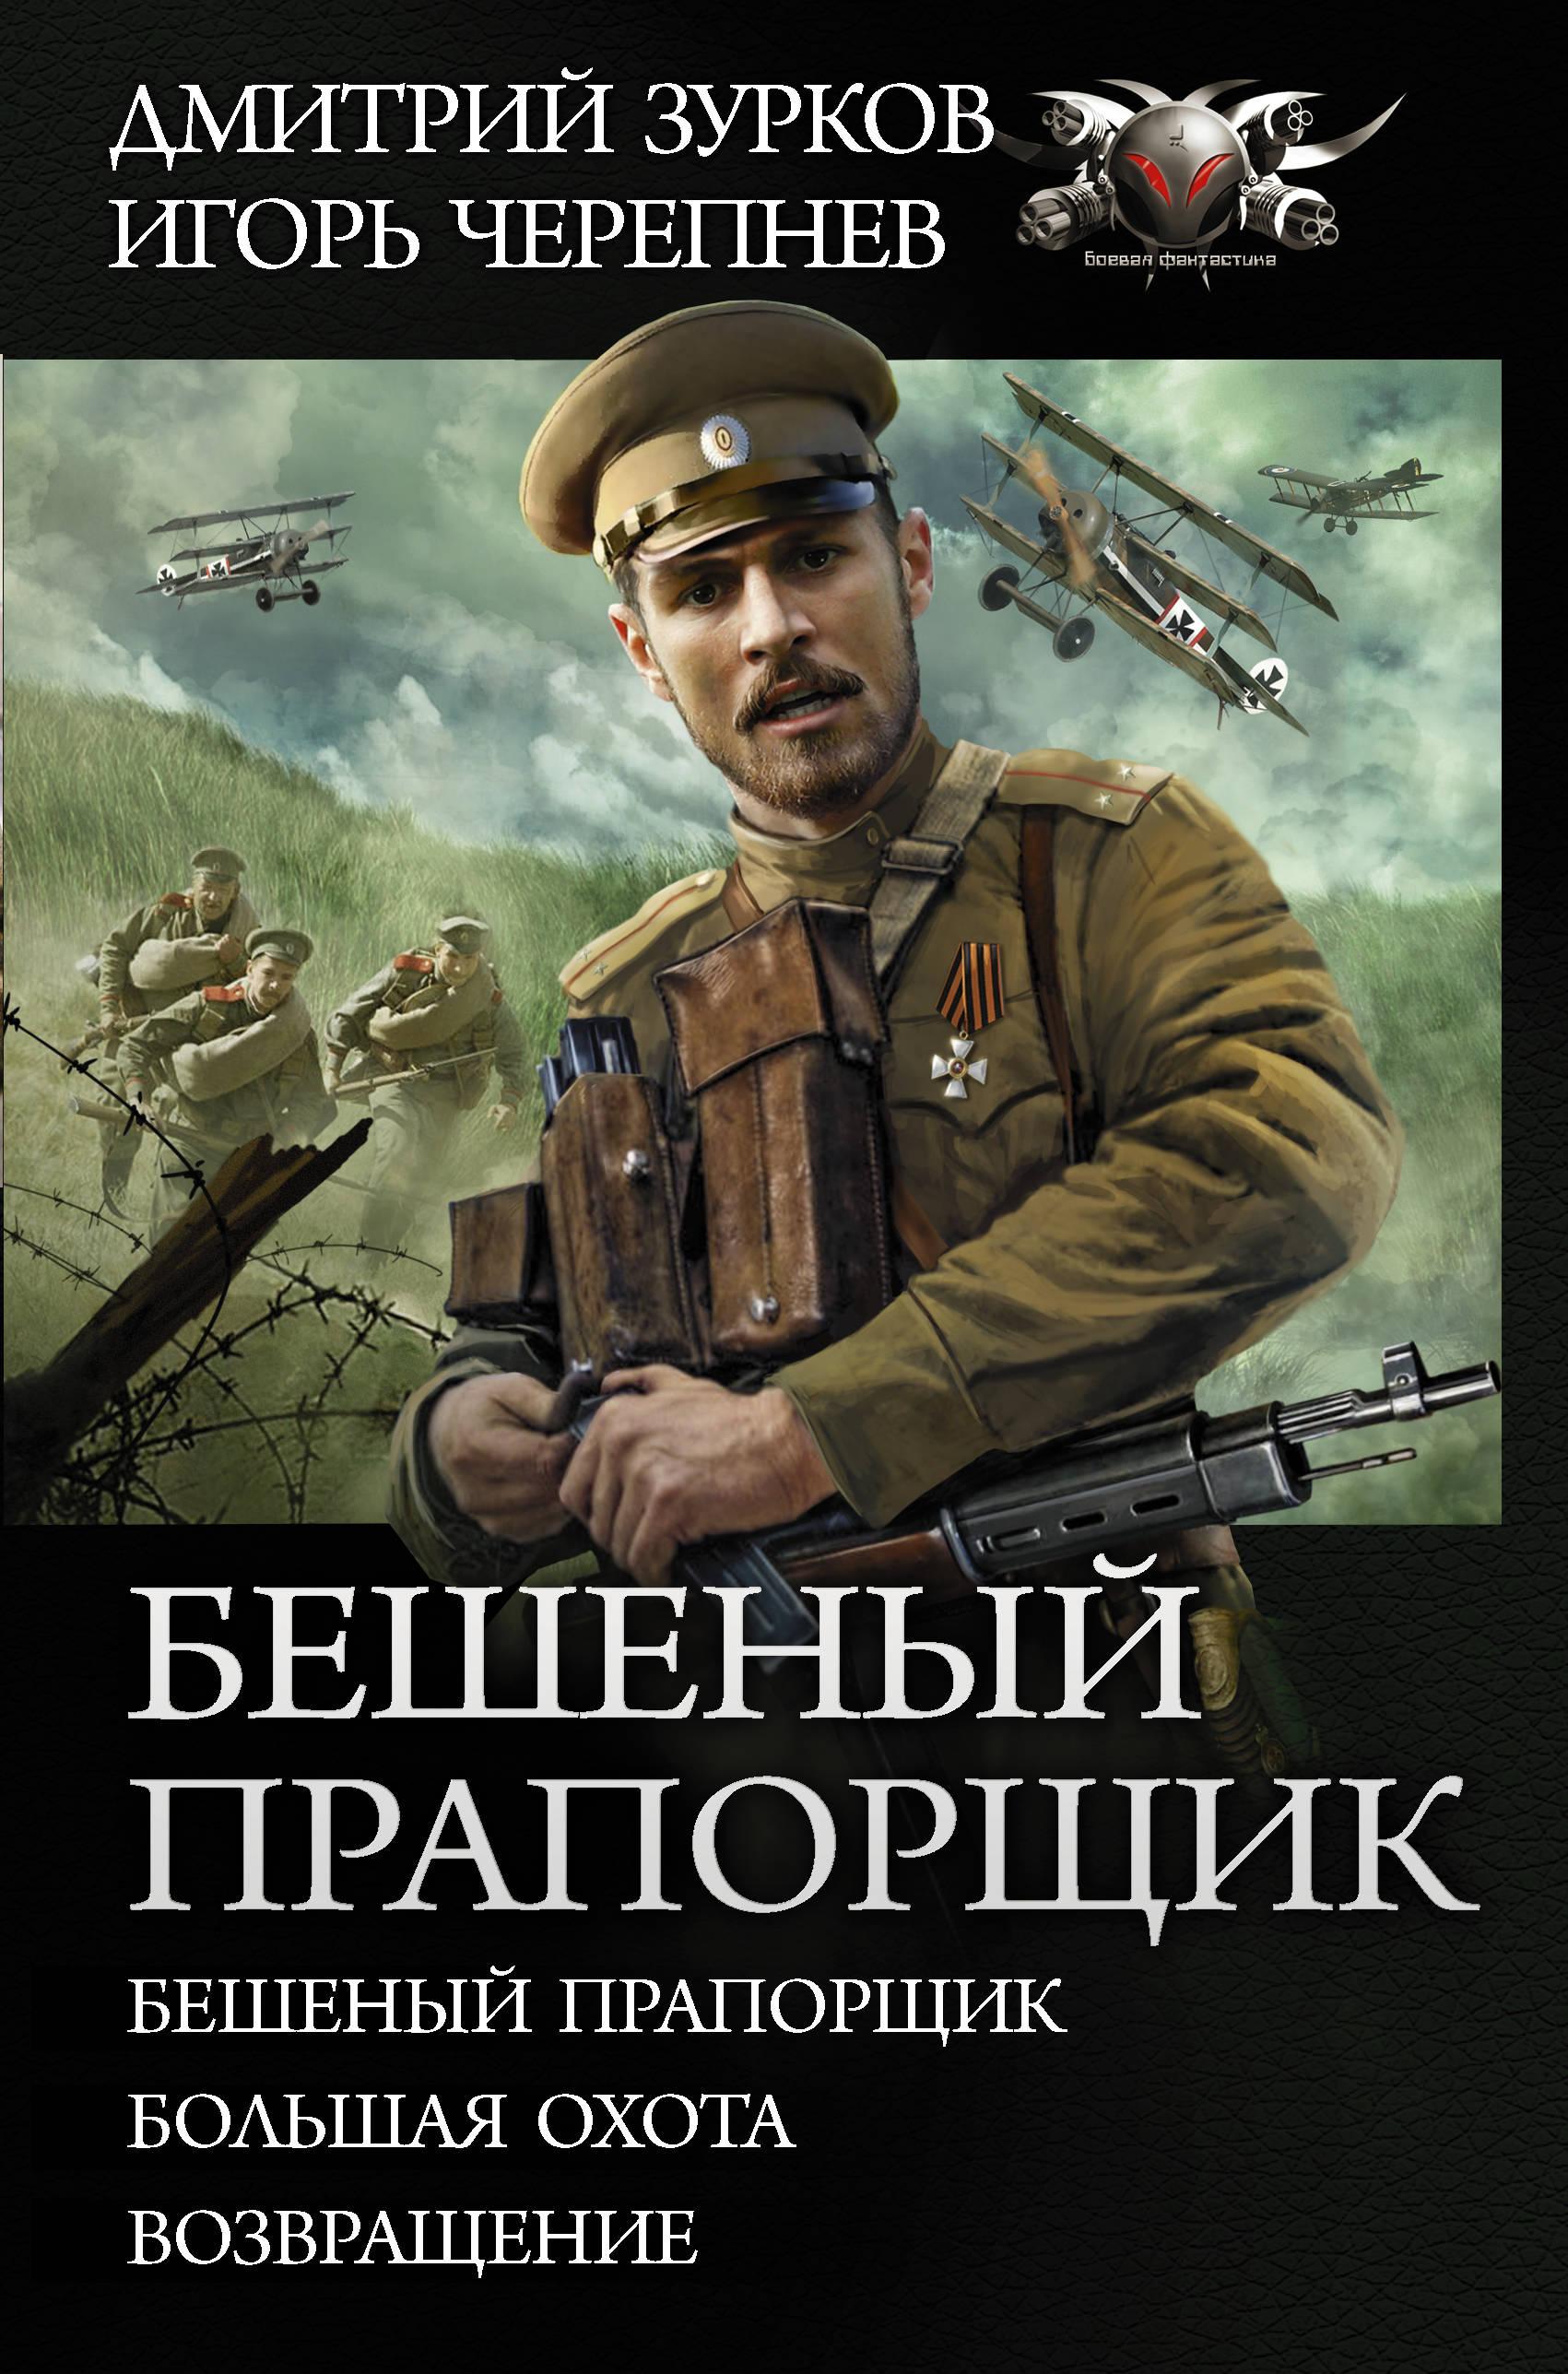 Зурков Дмитрий Аркадьевич; Черепнев Игорь Аркадьевич Бешеный прапорщик